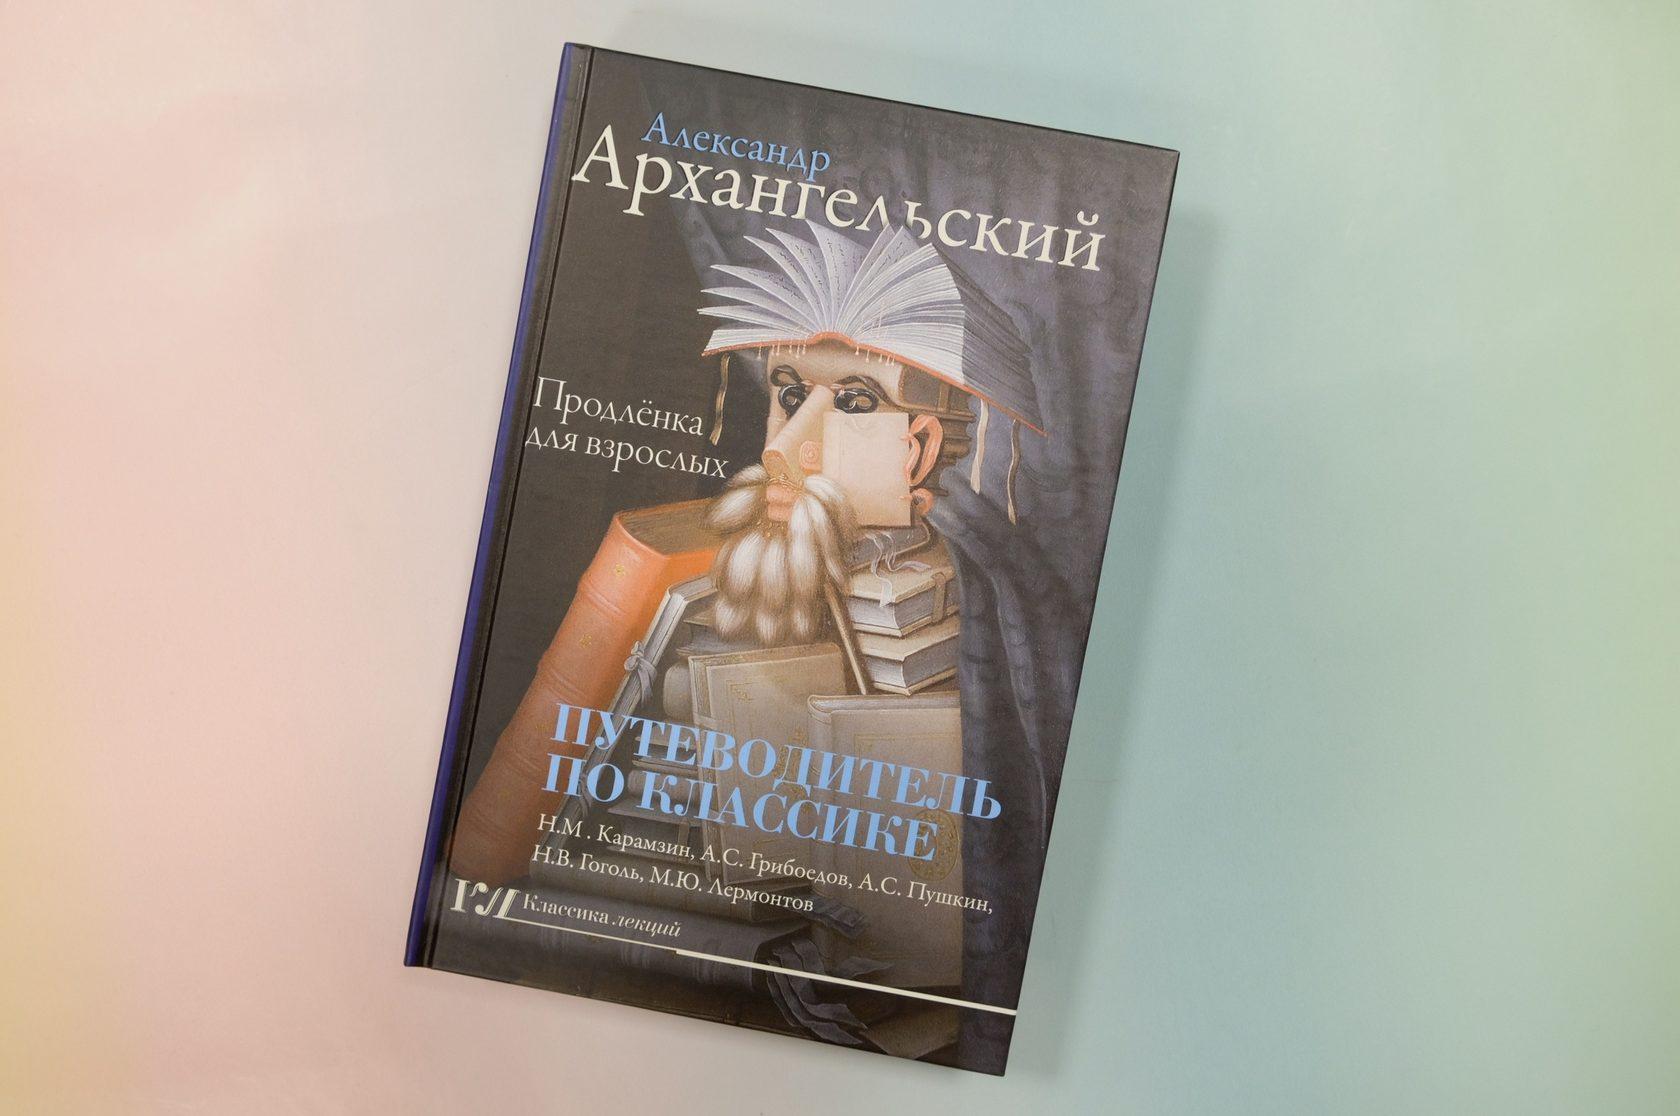 Александр Архангельский «Путеводитель по классике: продлёнка для взрослых»